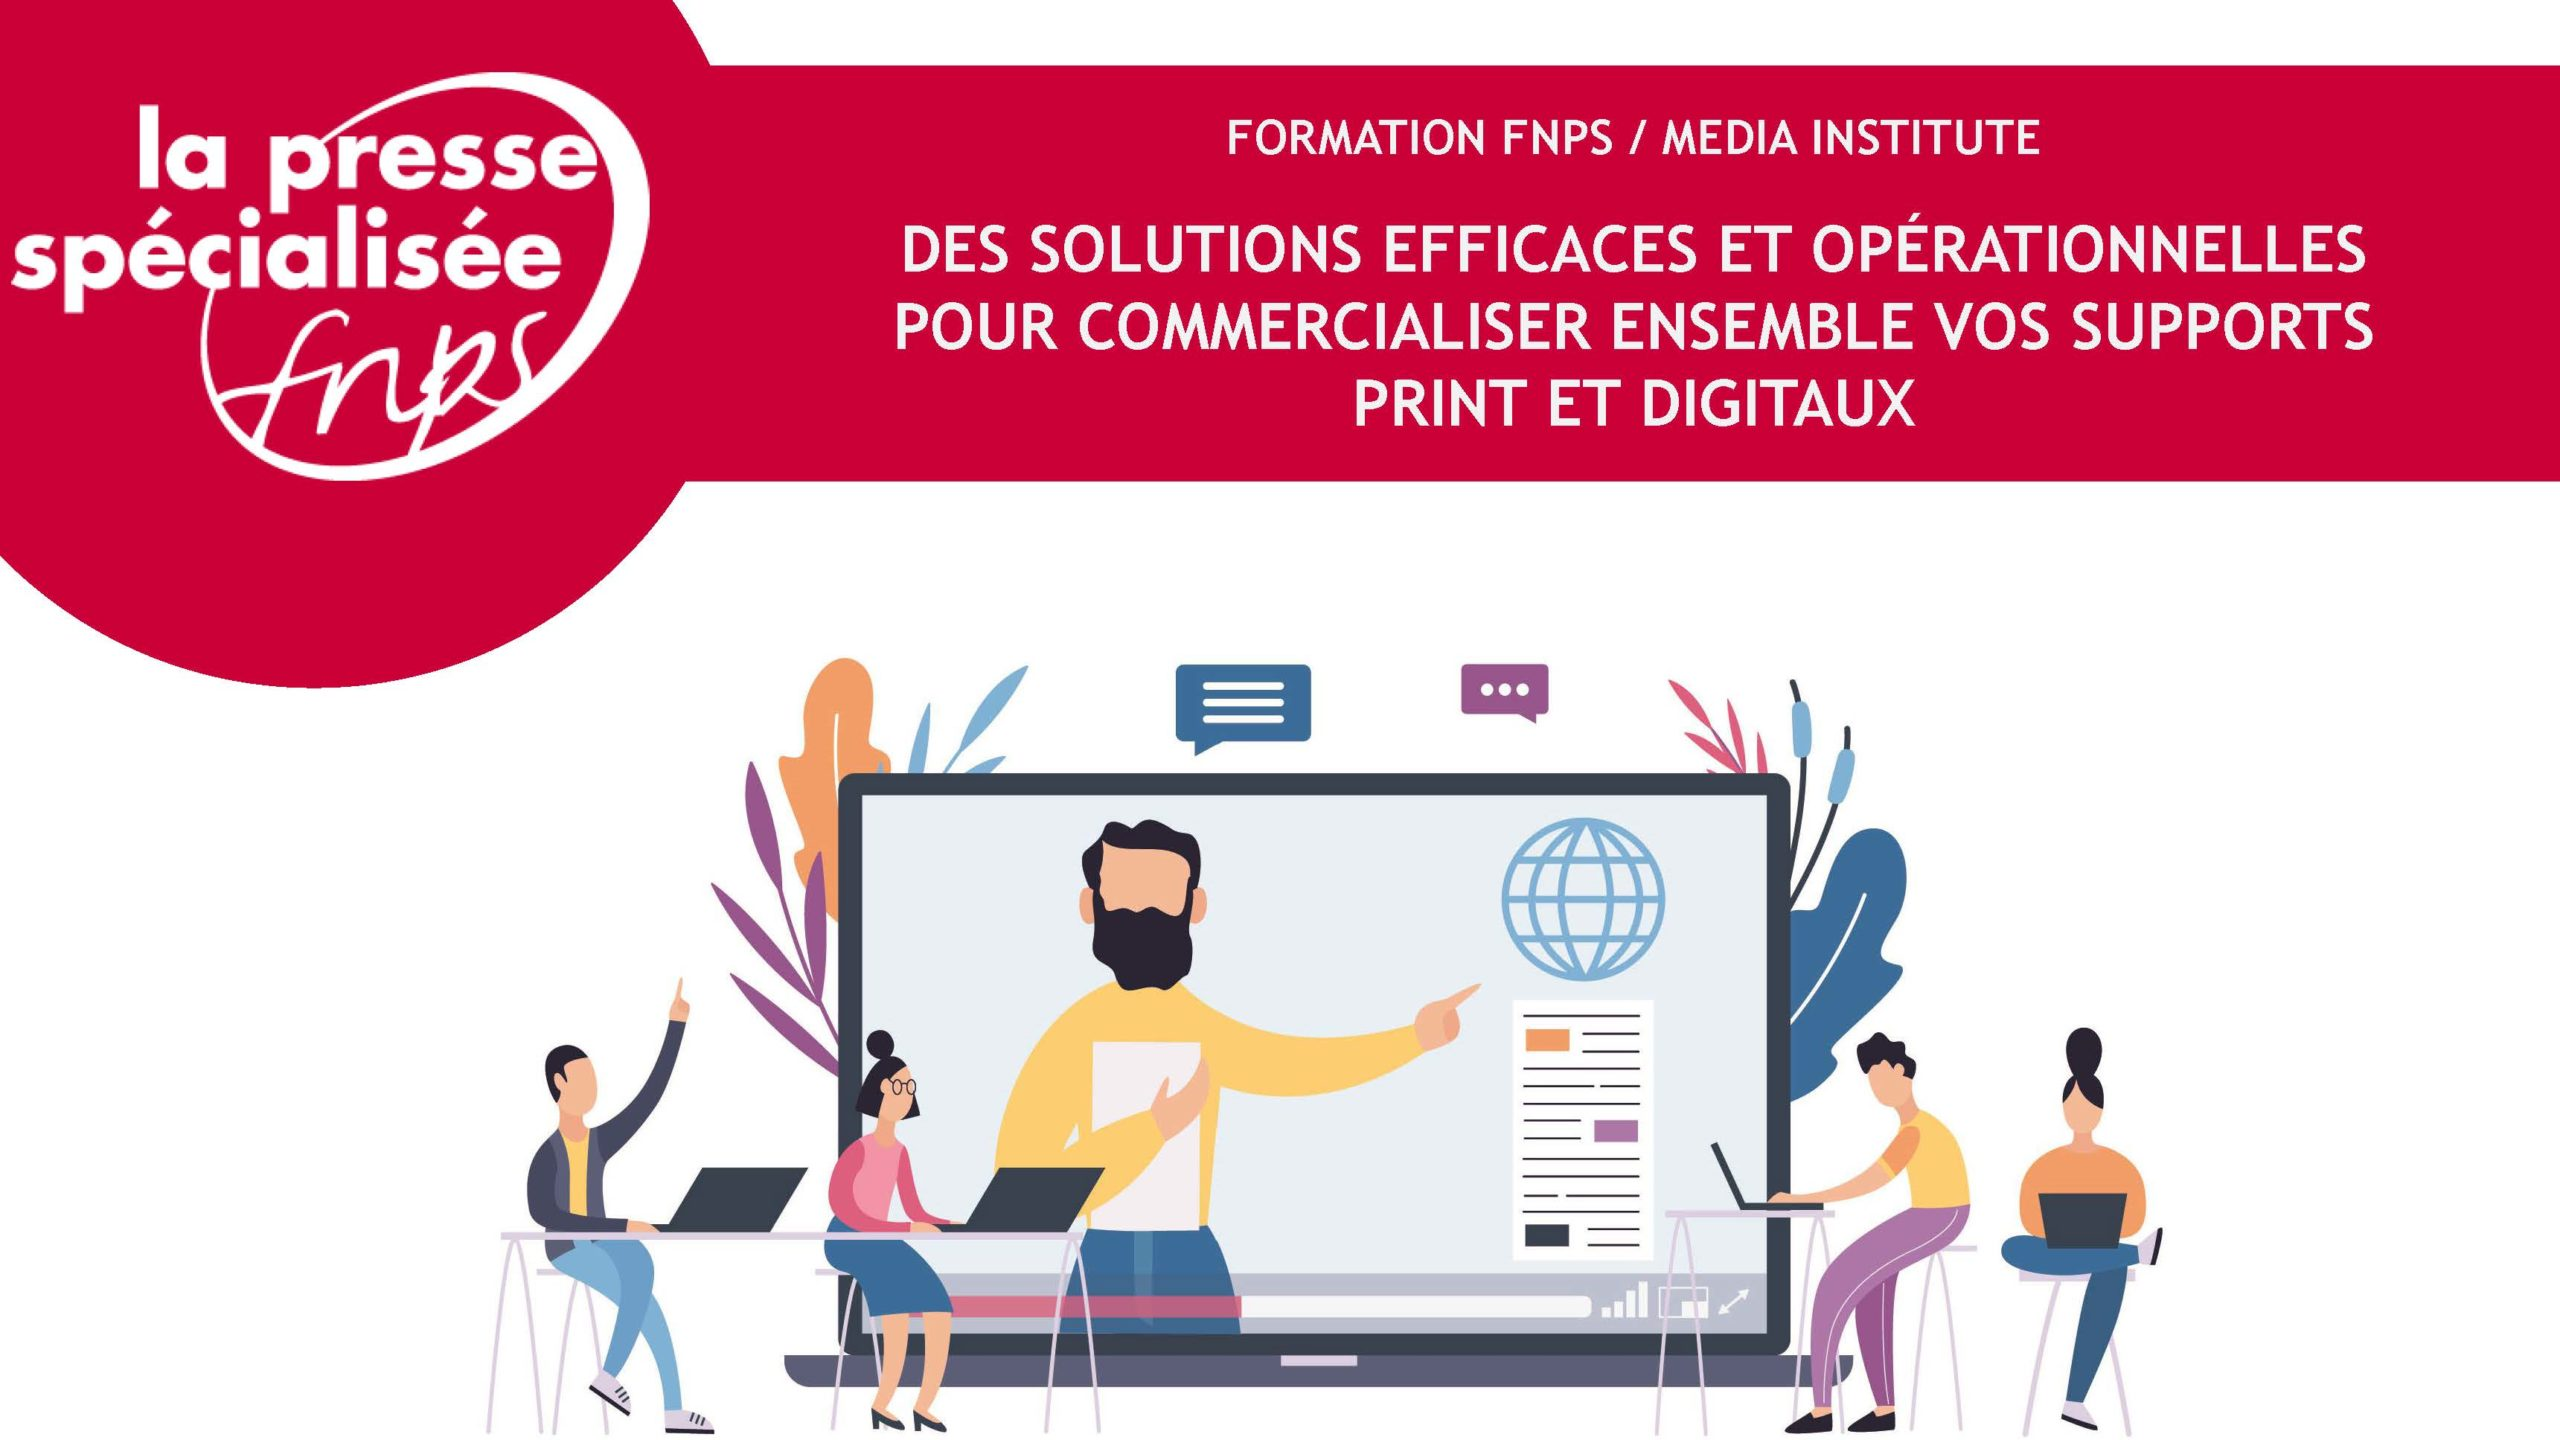 Formation : Des solutions efficaces et opérationnelles pour commercialiser ensemble vos supports print et digitaux